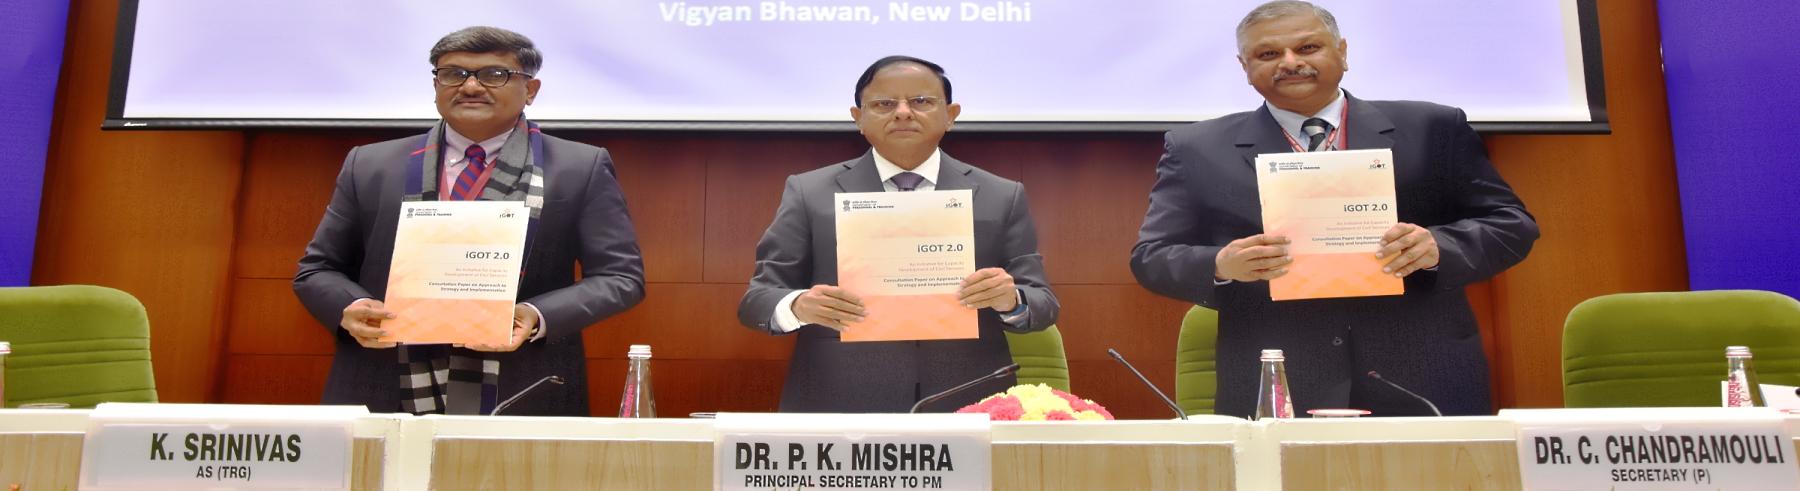 दिनांक 04.02.2020 को विज्ञान भवन, नई दिल्ली में कार्मिक और प्रशिक्षण विभाग के द्वारा क्षमता निर्माण सुधार एवं एकीकृत ऑनलाइन प्रशिक्षण (iGOT) के सम्बन्ध में एक कार्यशाला का आयोजन किया गया